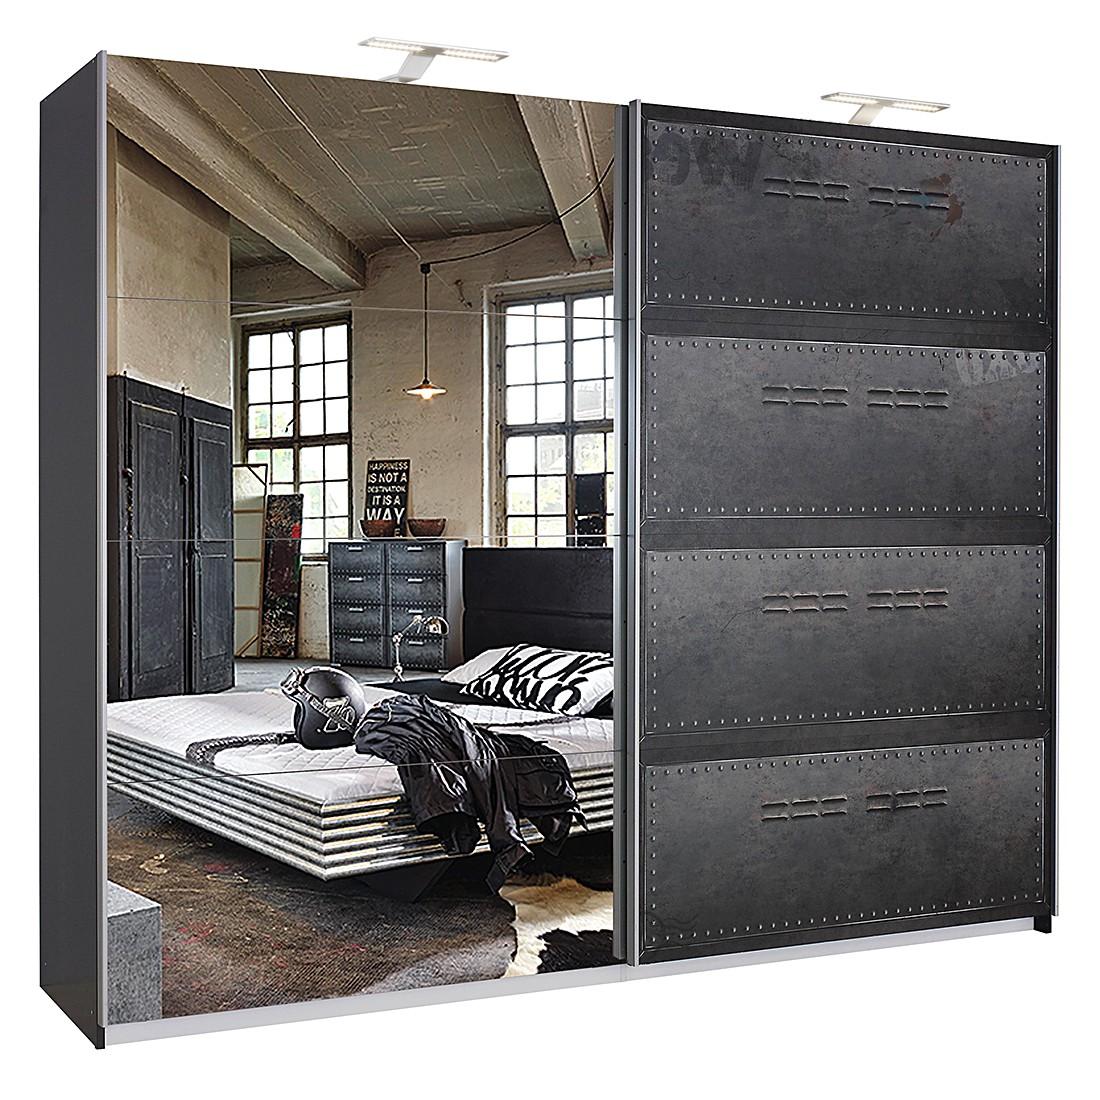 goedkoop Draaideurkast Workbase industrial print look grafietkleurig Met verlichting 181cm 2 deurs Rauch Select